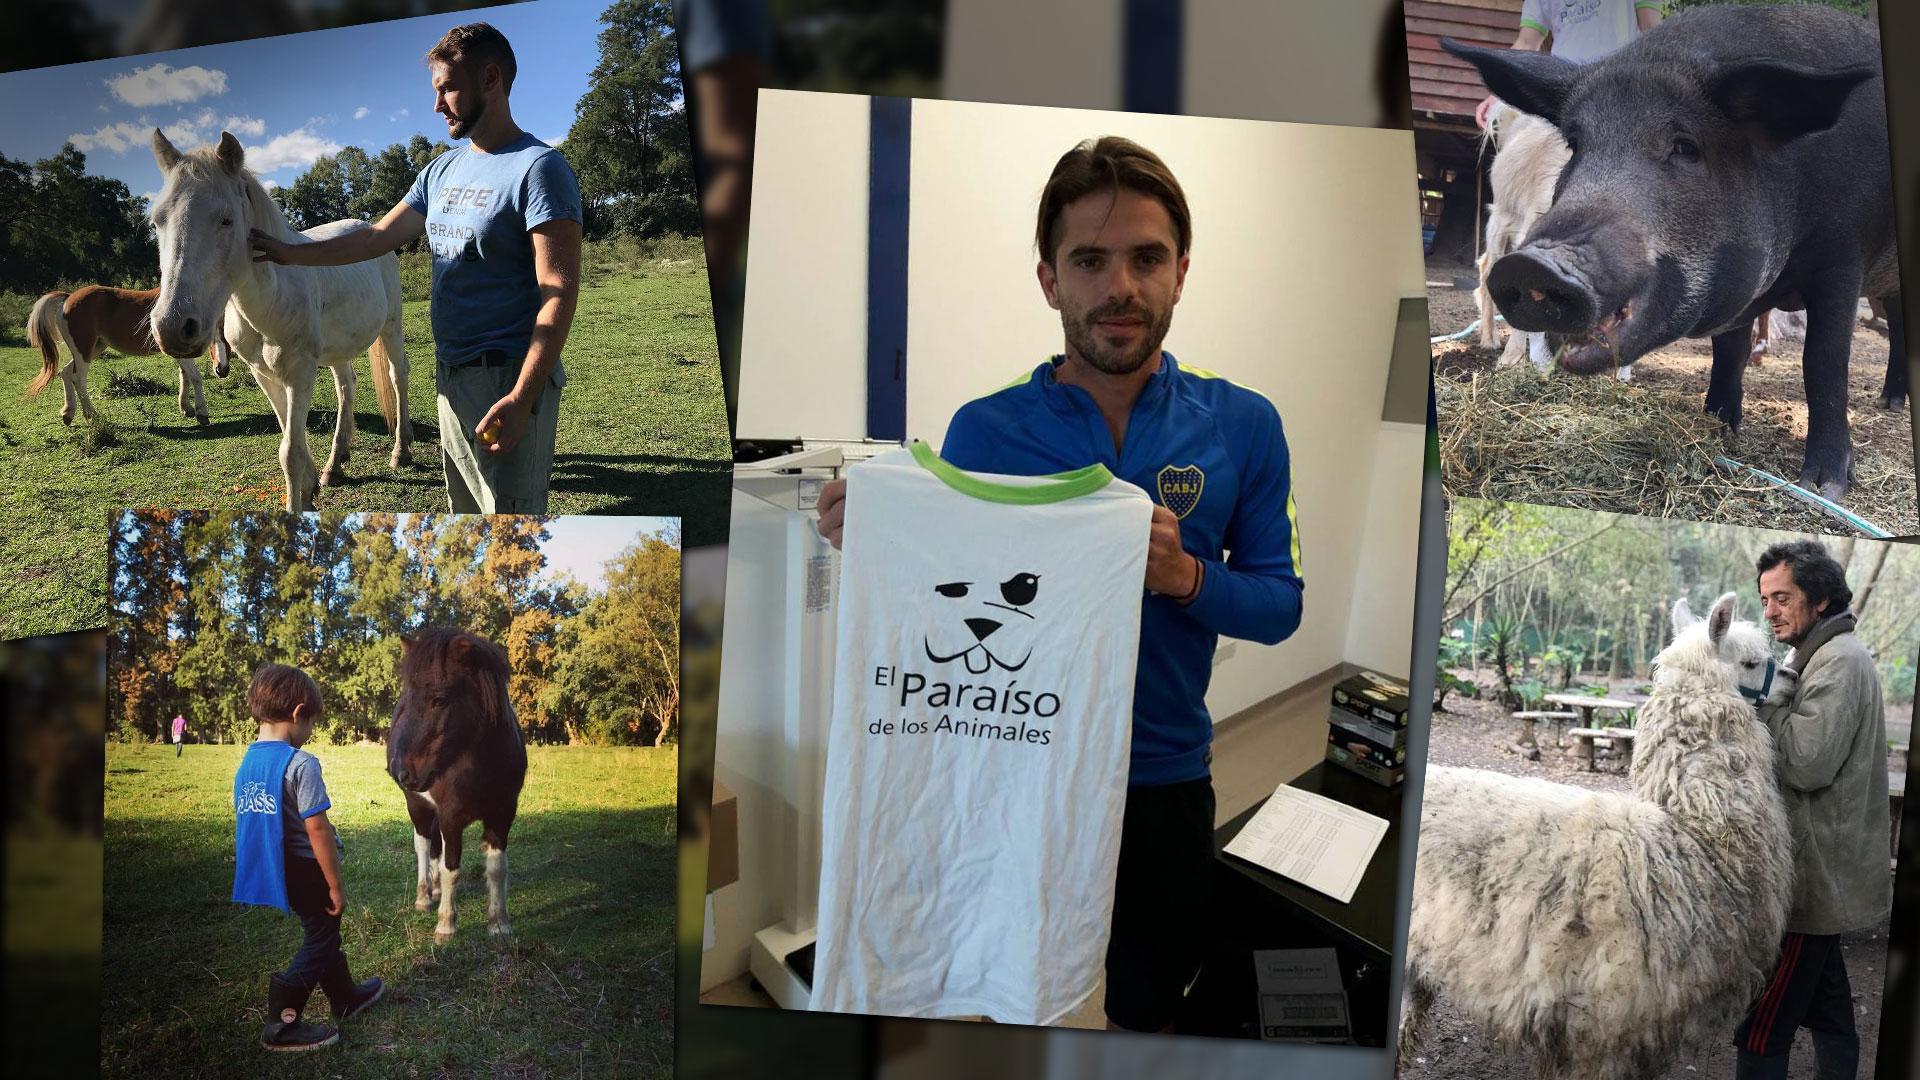 El Paraíso de los Animales realiza visitas periódicas y rifas que ayudencon los gastos diarios. Fernando Gago fue uno de los jugadores de Boca que firmó una camiseta que se sorteó el año pasado.